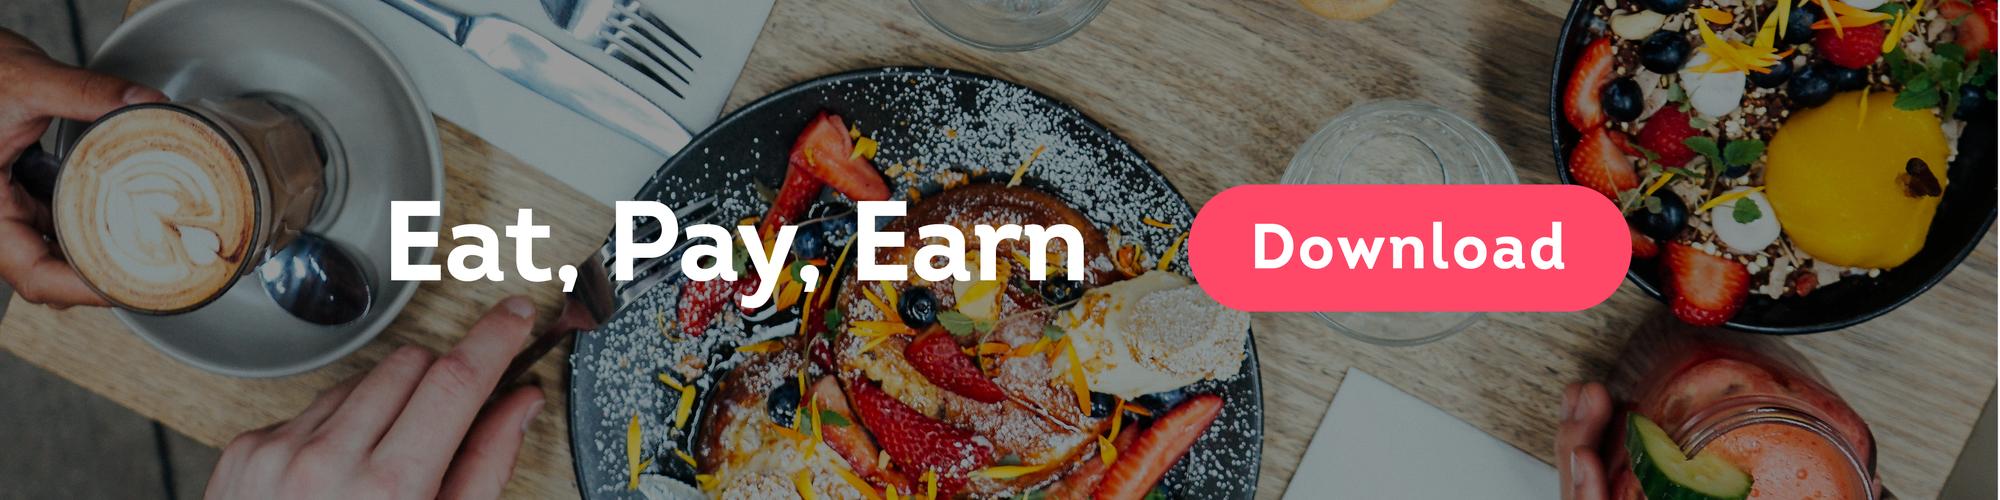 eat-pay-earn-02-1-2